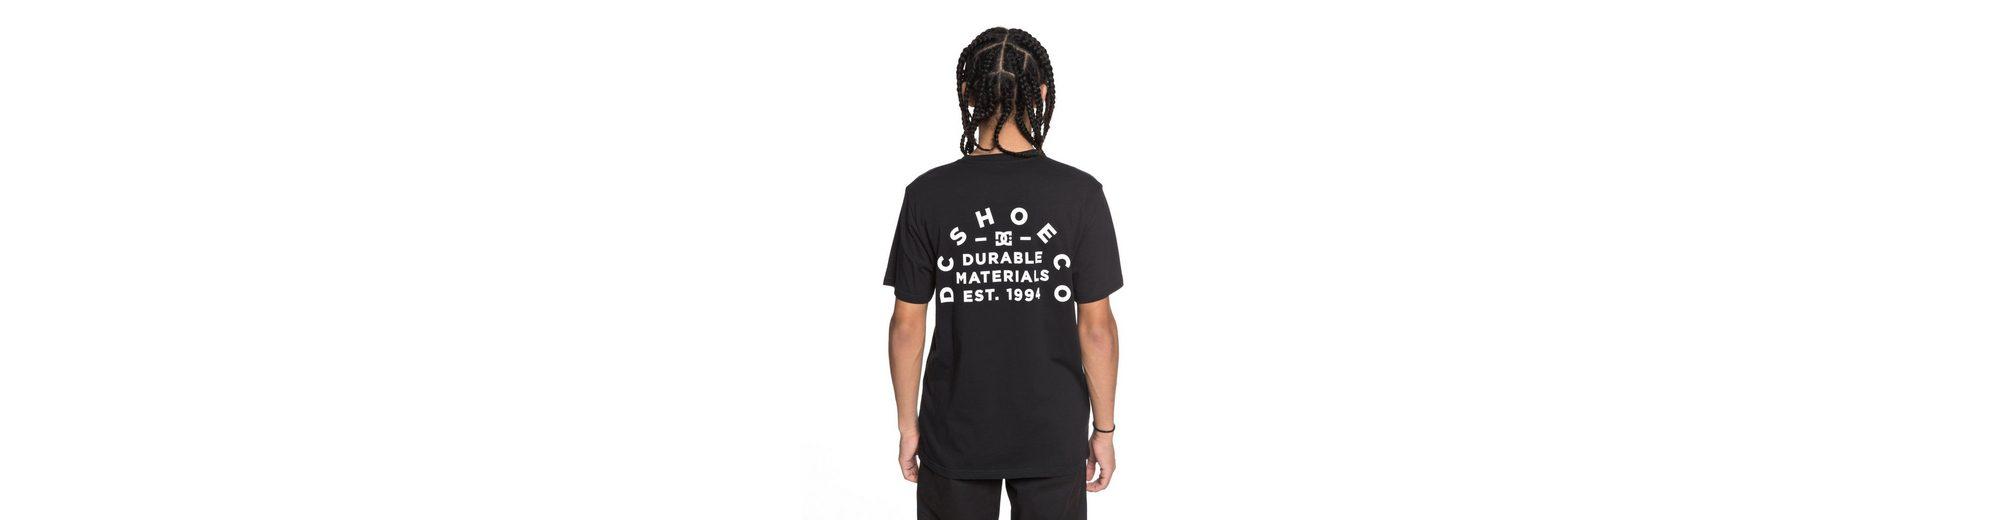 DC Shoes T-Shirt Durable Timer Geschäft 98CDlL5CYH